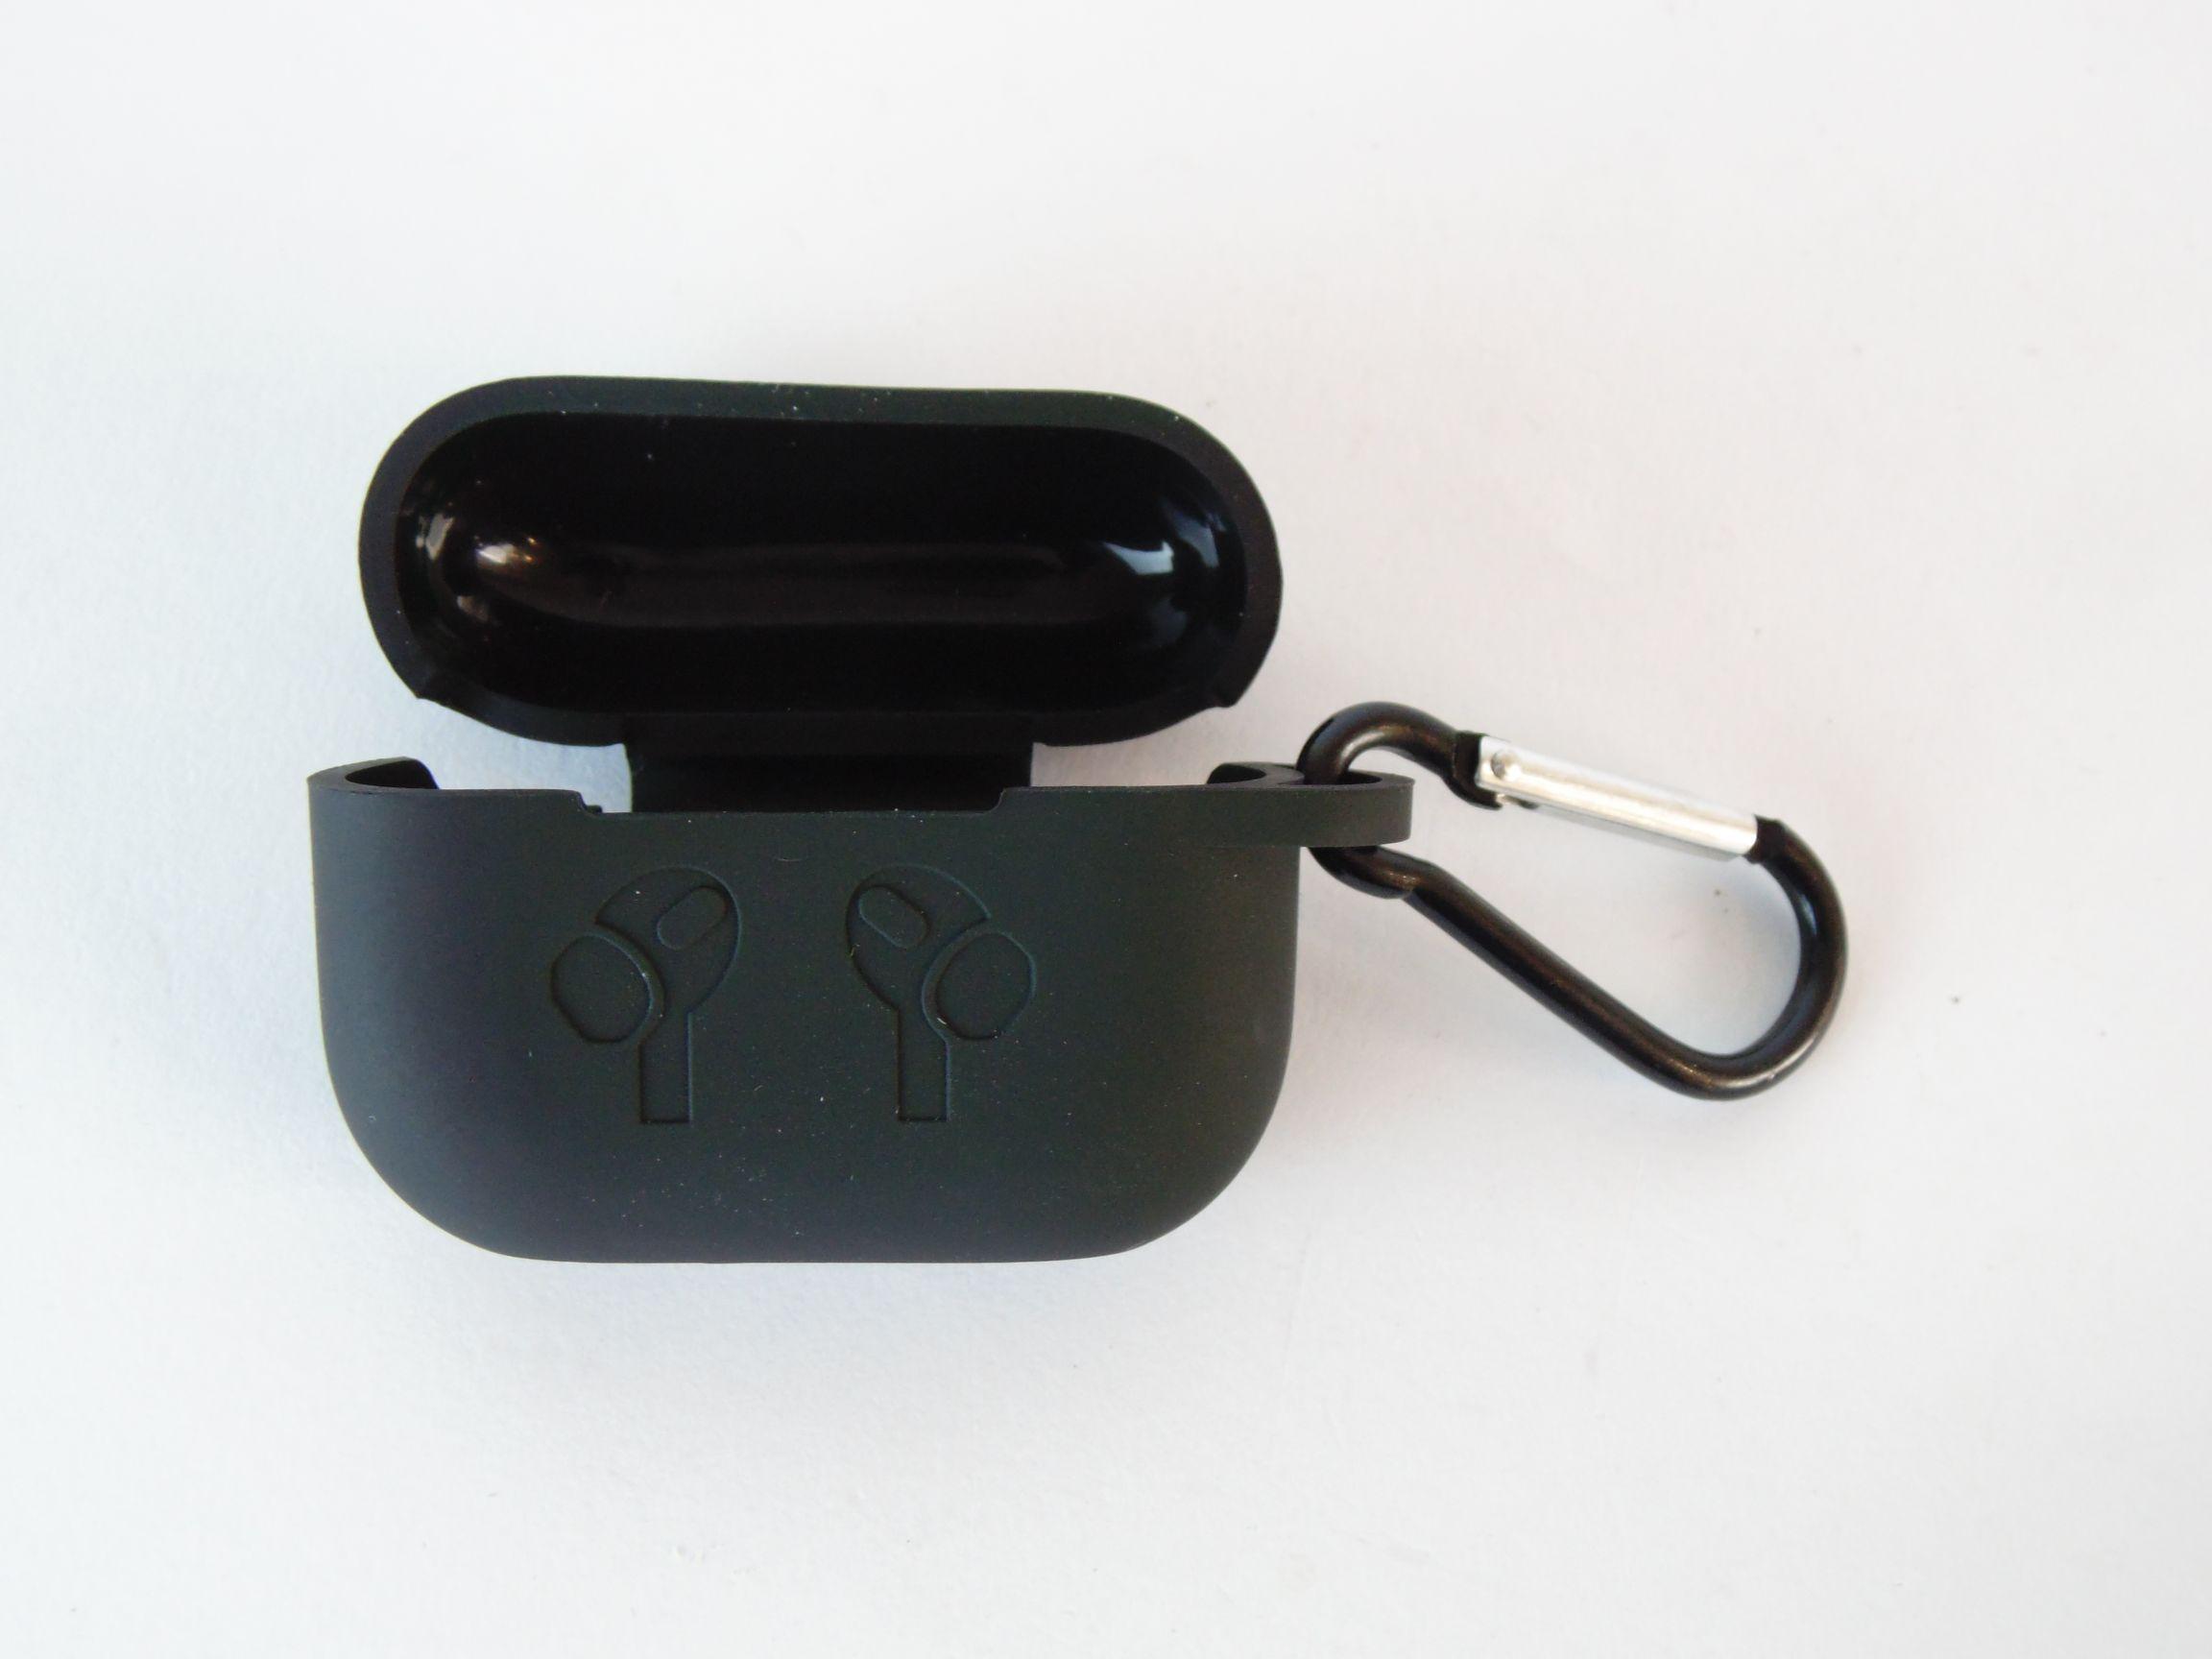 جراب Airpods Pro أسود